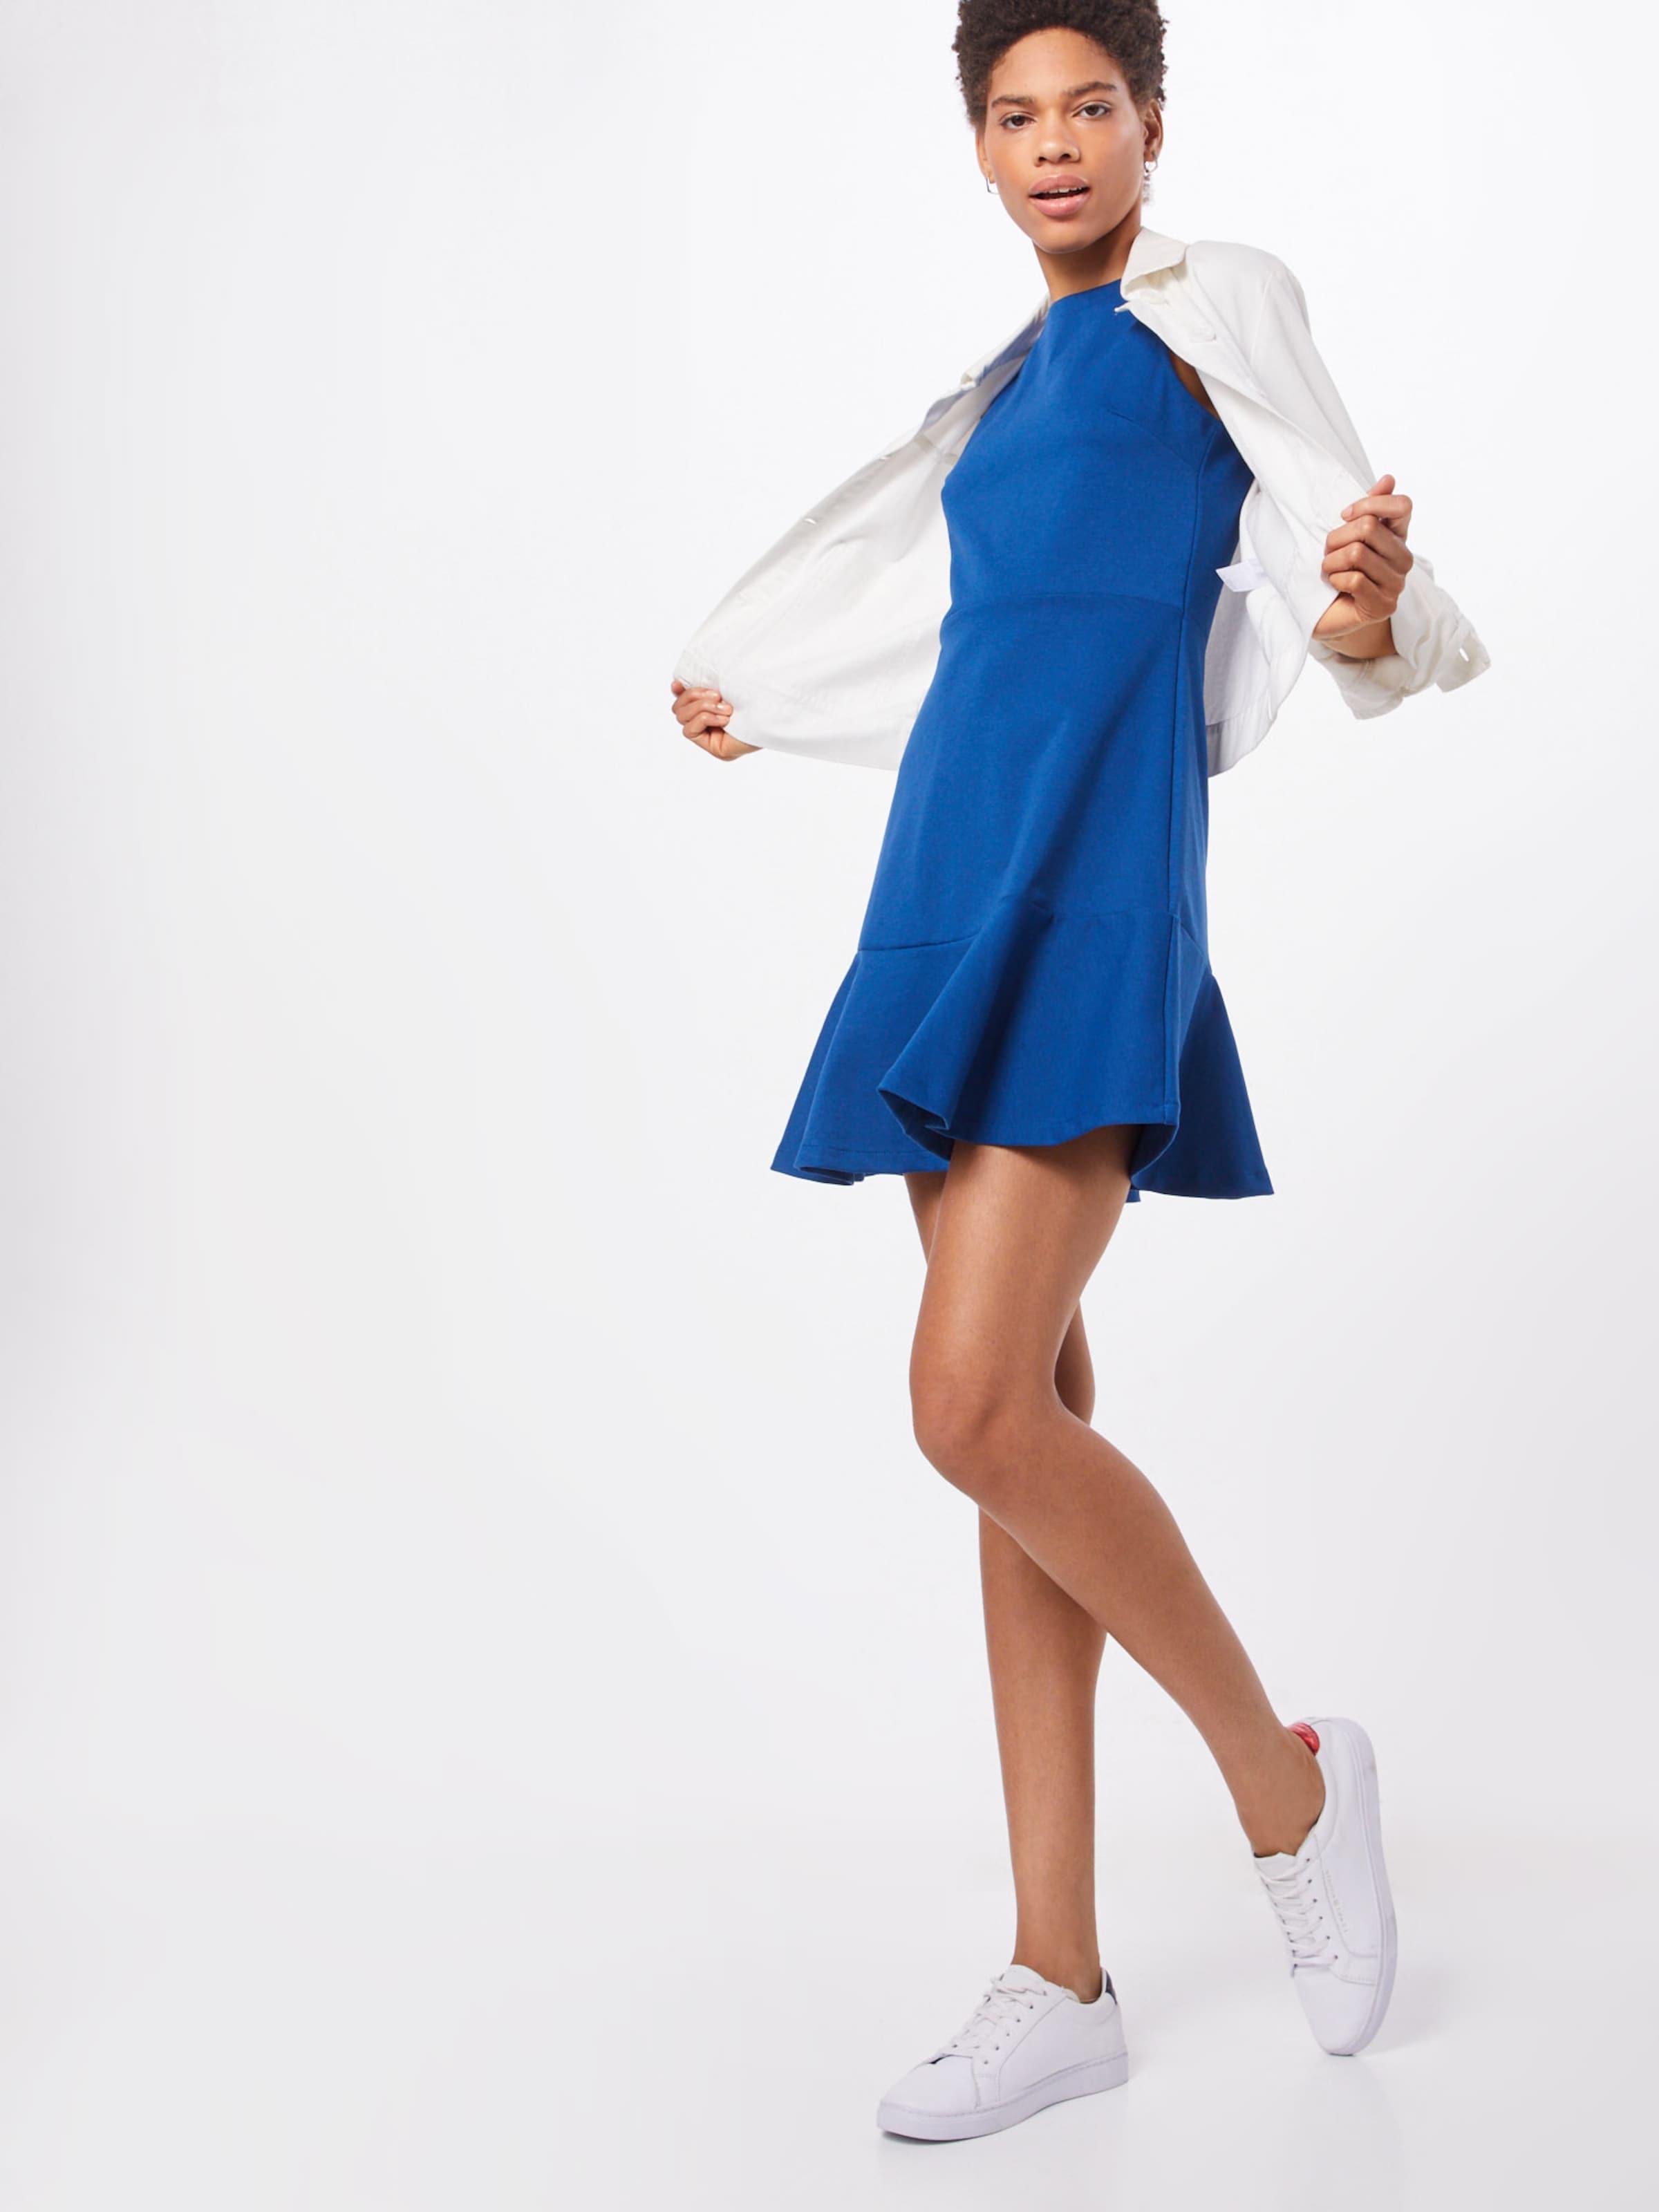 Kleid F In Gap 'sl f DrsPnt' Blau srhdxBtCQo